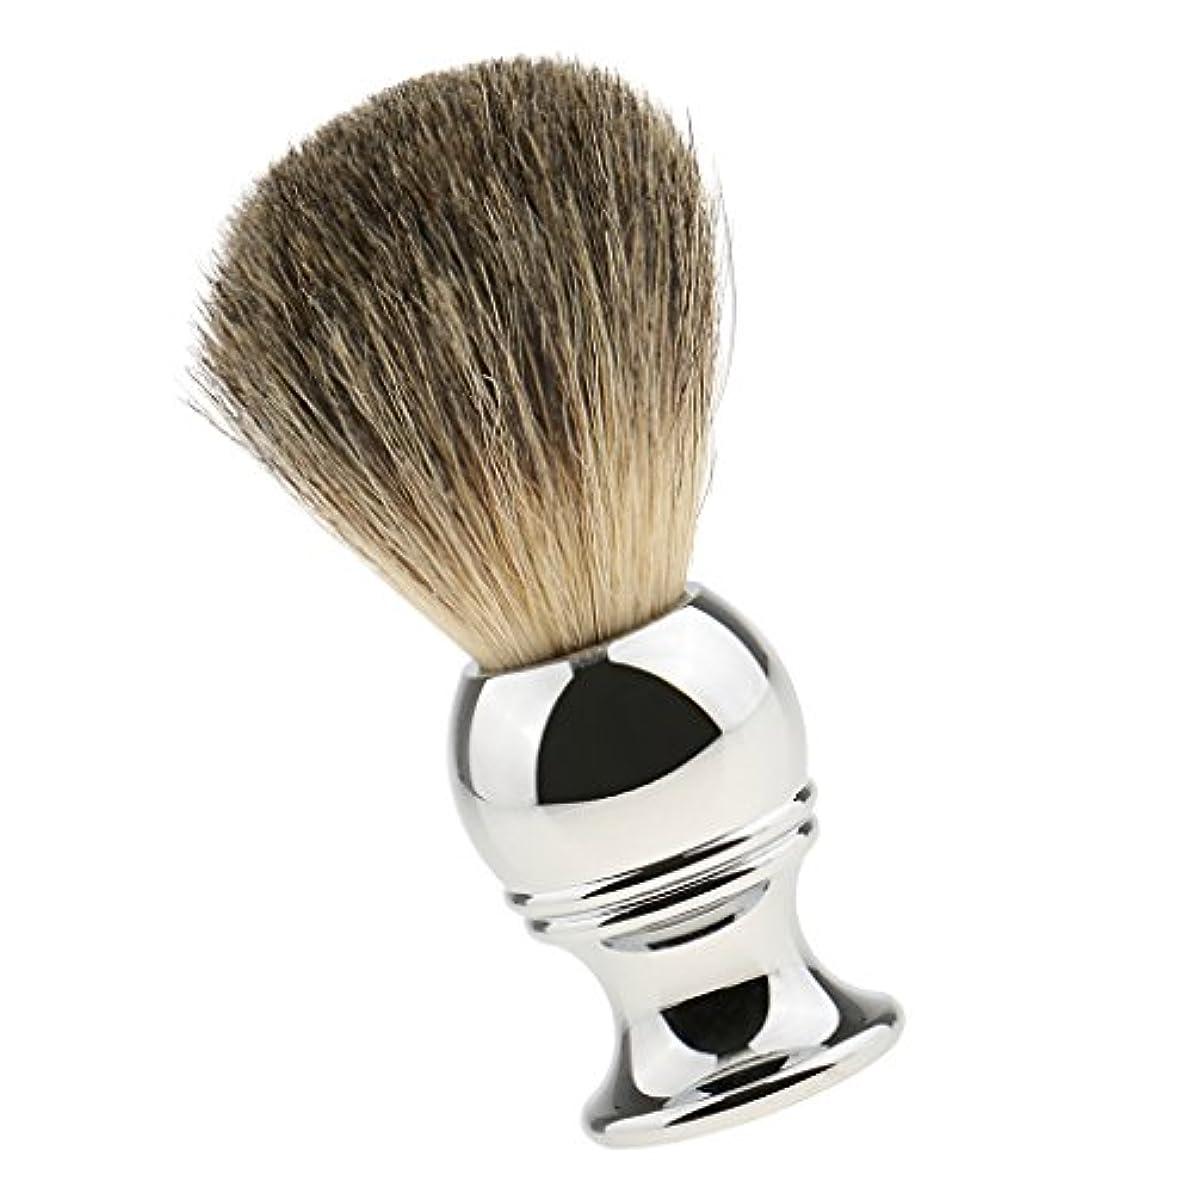 逃れる四半期義務的男性用 高密度 シェービングブラシ ロングハンドル 髭剃り 洗顔 ブラシ シェーブツール